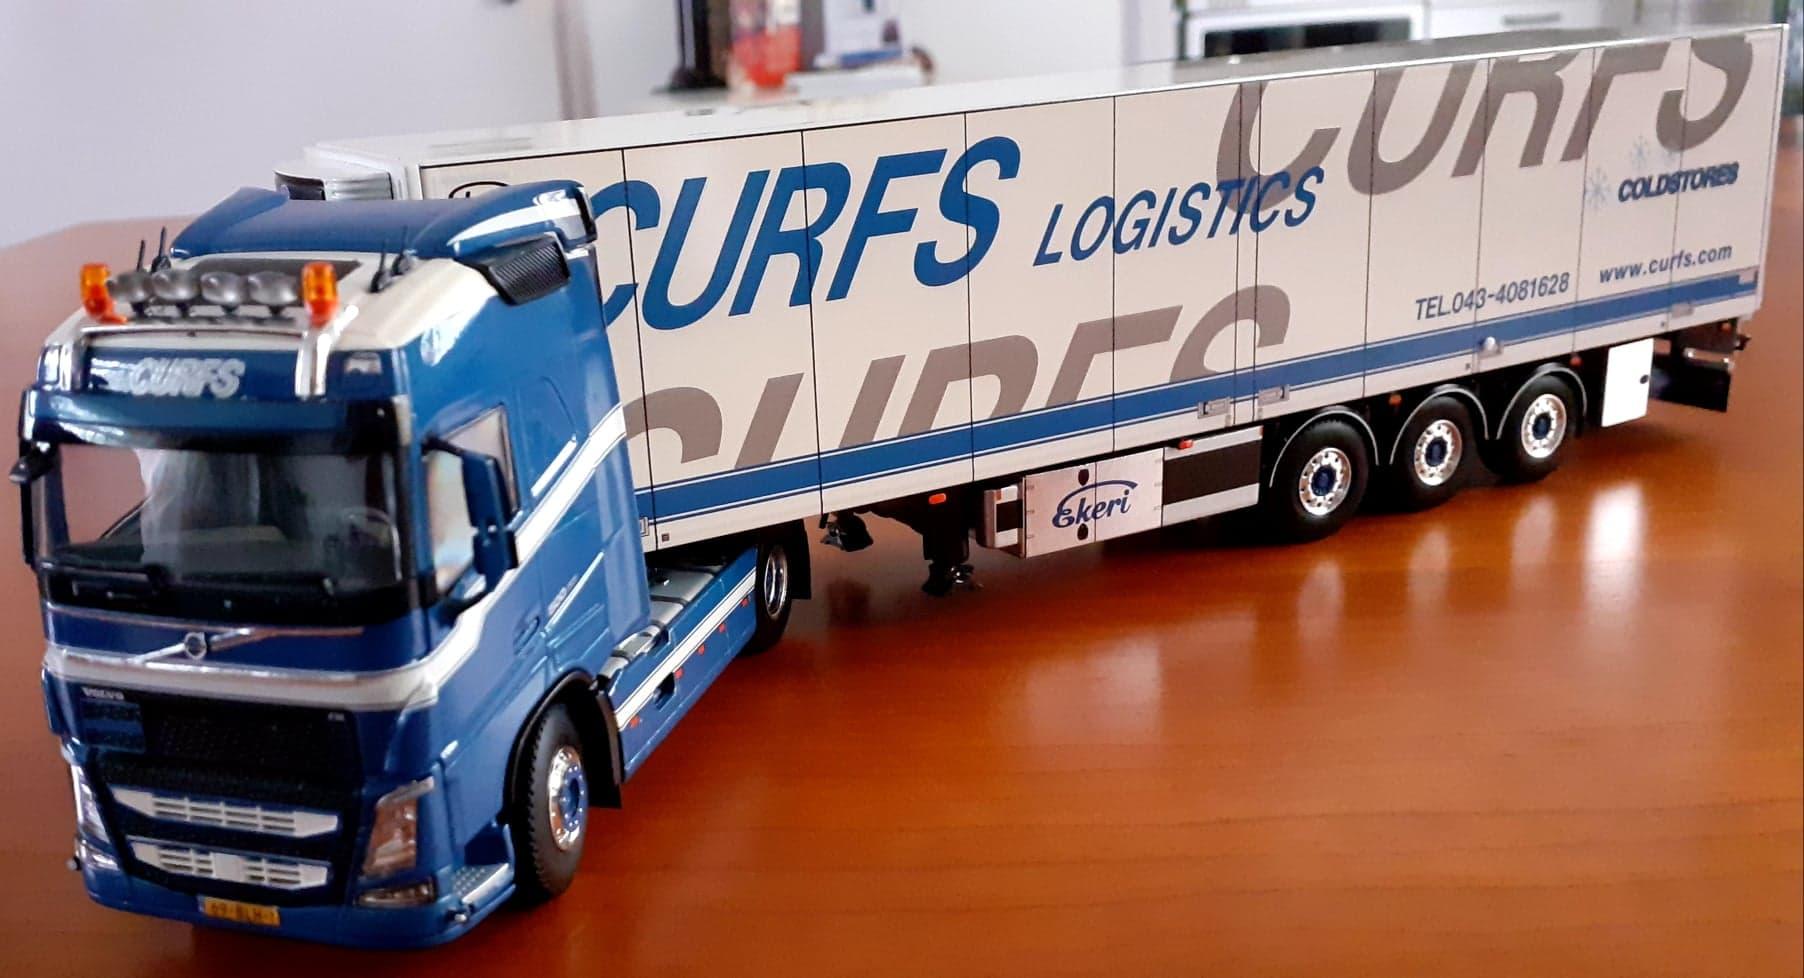 Curfs-Xavier-Walstock-heeft-deze-modellen-bewerkt-(22)